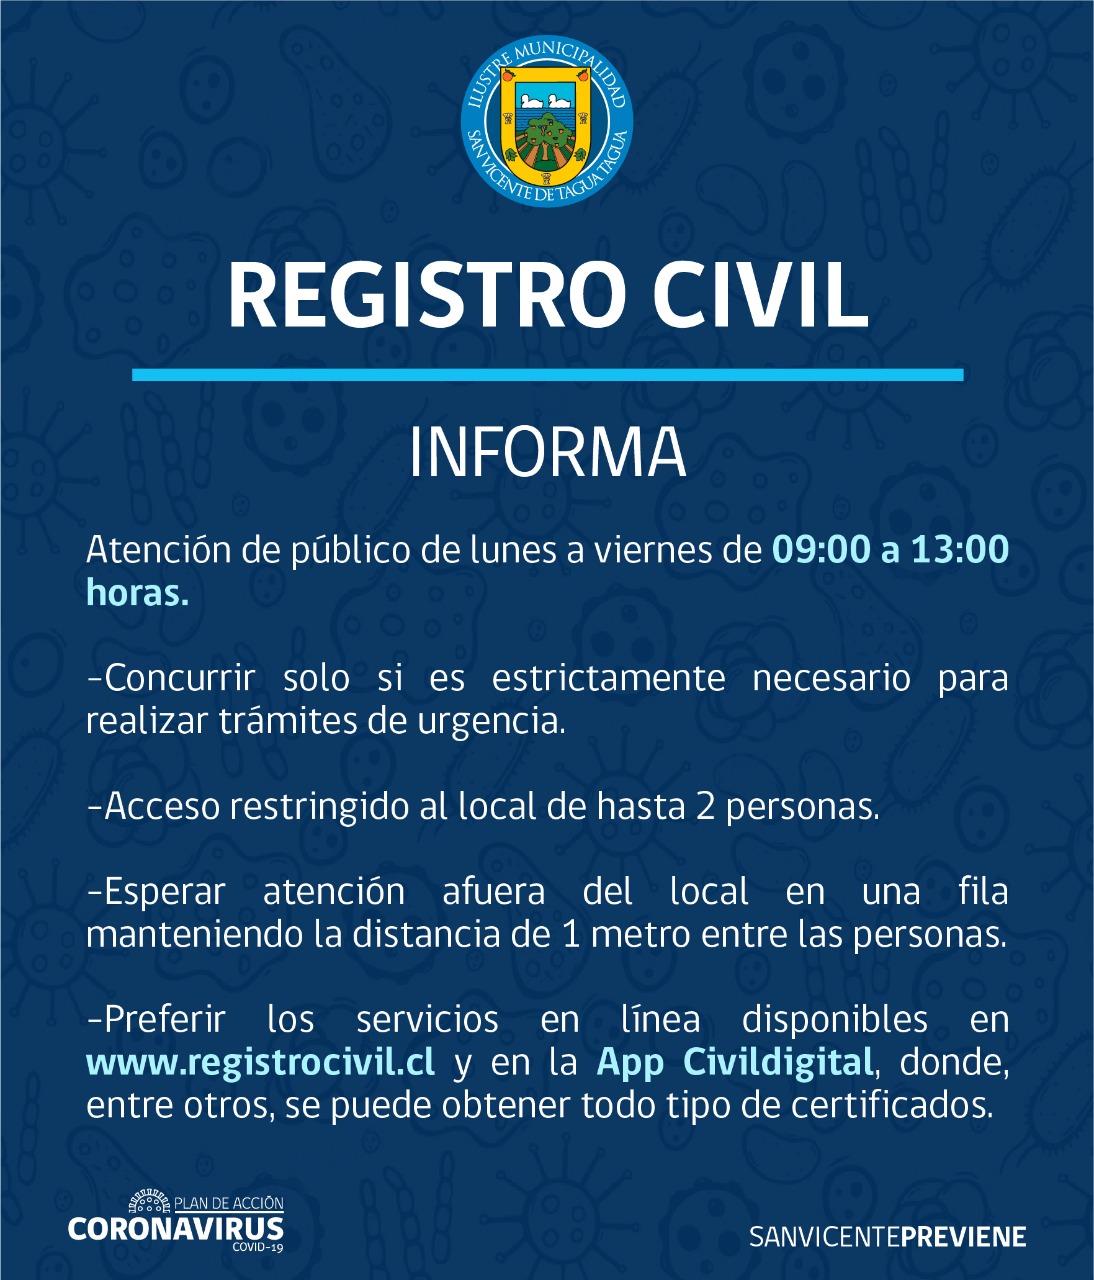 REGISTRO CIVIL INFORMA CON RESPECTO A ATENCIÓN DE PÚBLICO EN SAN VICENTE DURANTE CONTINGENCIA COVID-19